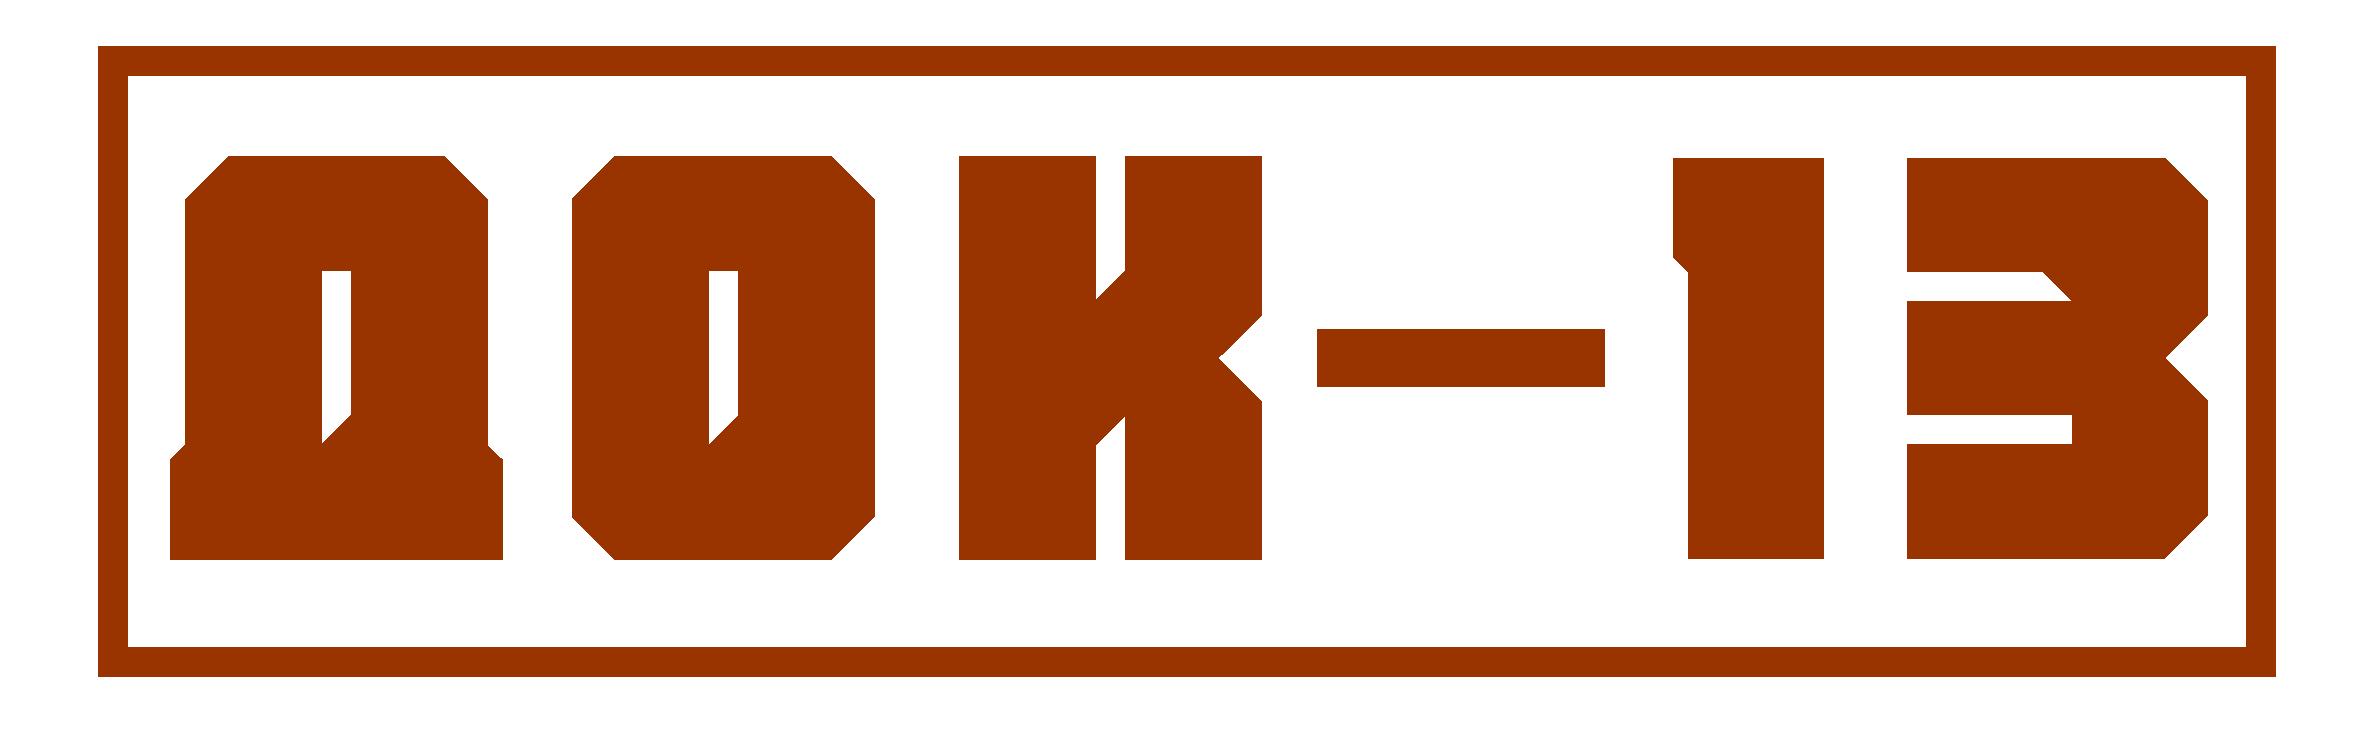 ДОК-13